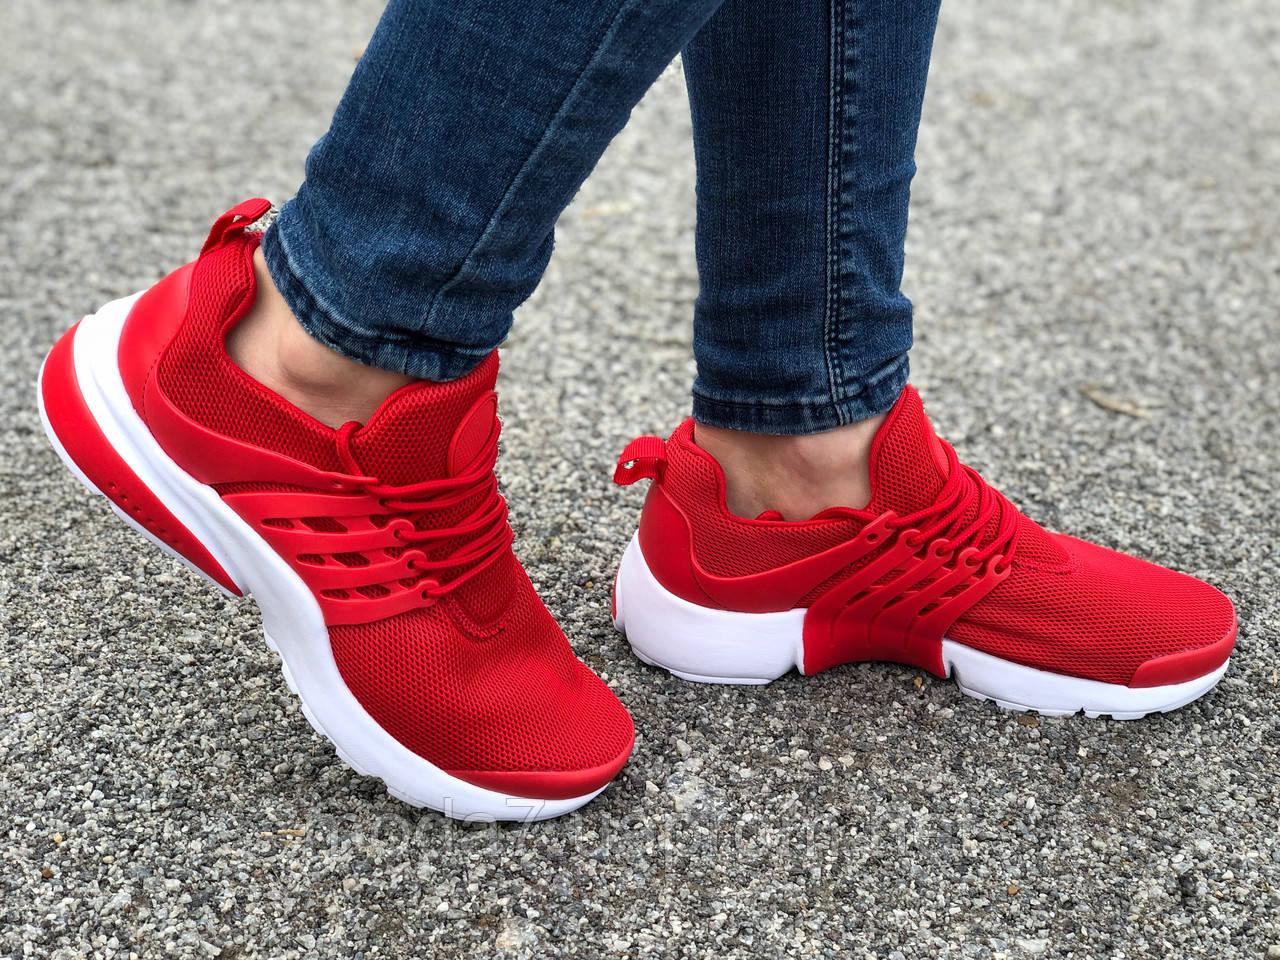 Кроссовки женские подростковые красные Nike Presto реплика